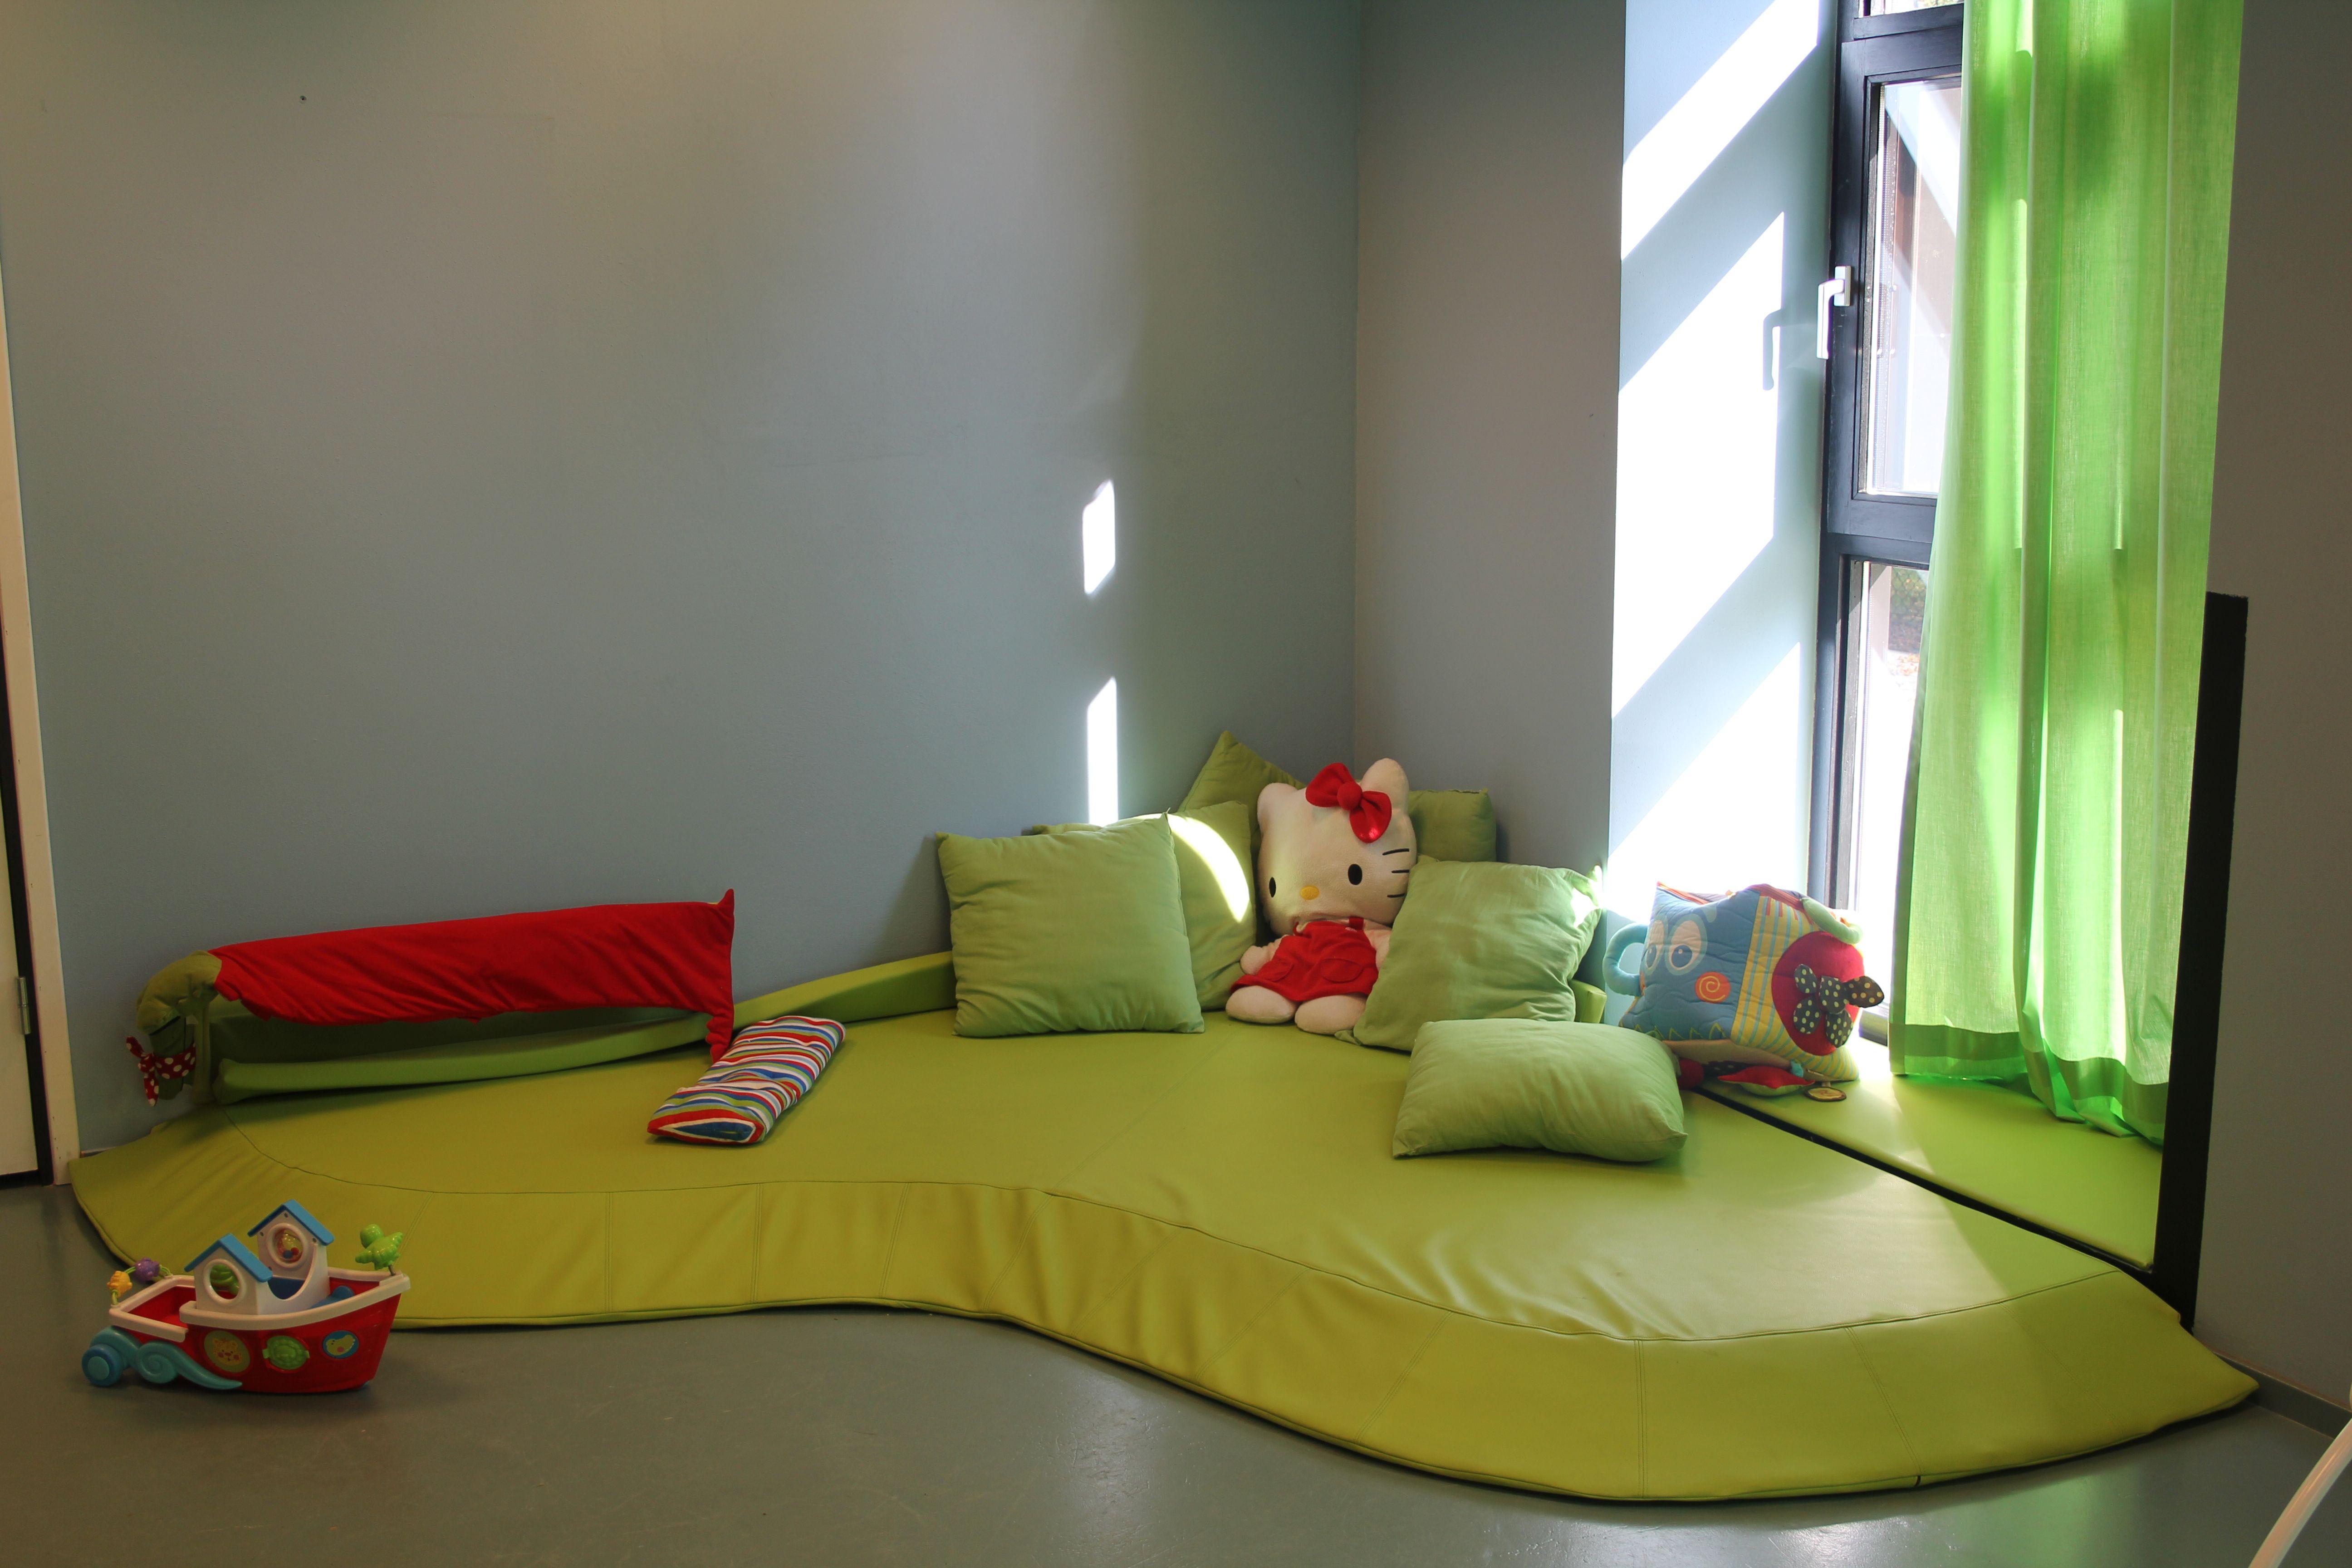 kinderopvang interieur - Google zoeken | interieur BSO | Pinterest ...